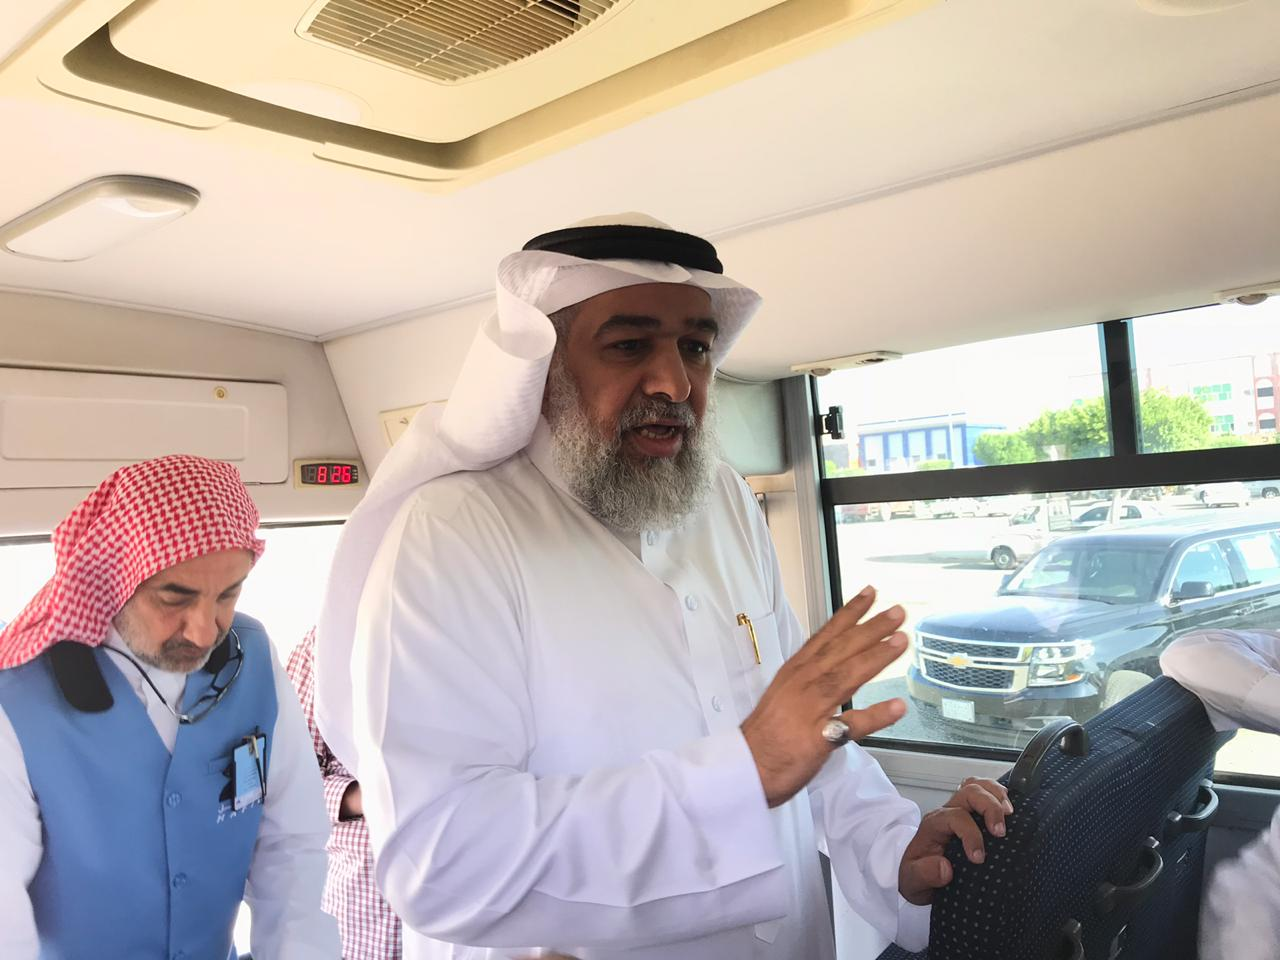 برنامج تدريبي لتأهيل سائقي النقل المدرسي في الطائف